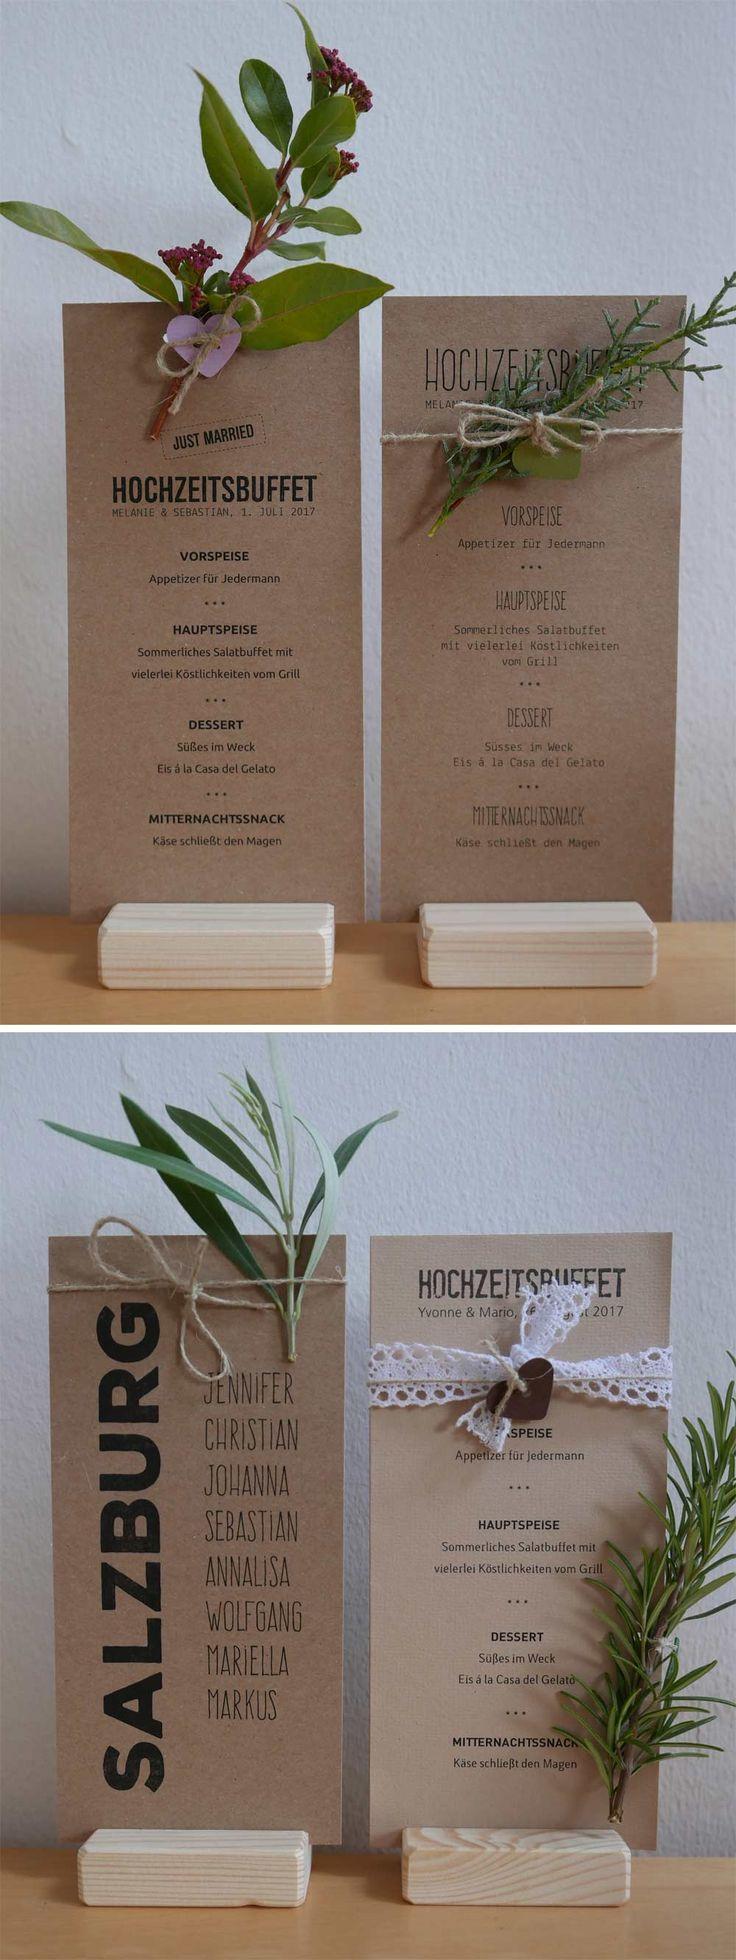 Menükarte HEAVN aus Kraftpapier mit Blumen und Zweigen verziert / rustic Kraft menu wedding card with flowers